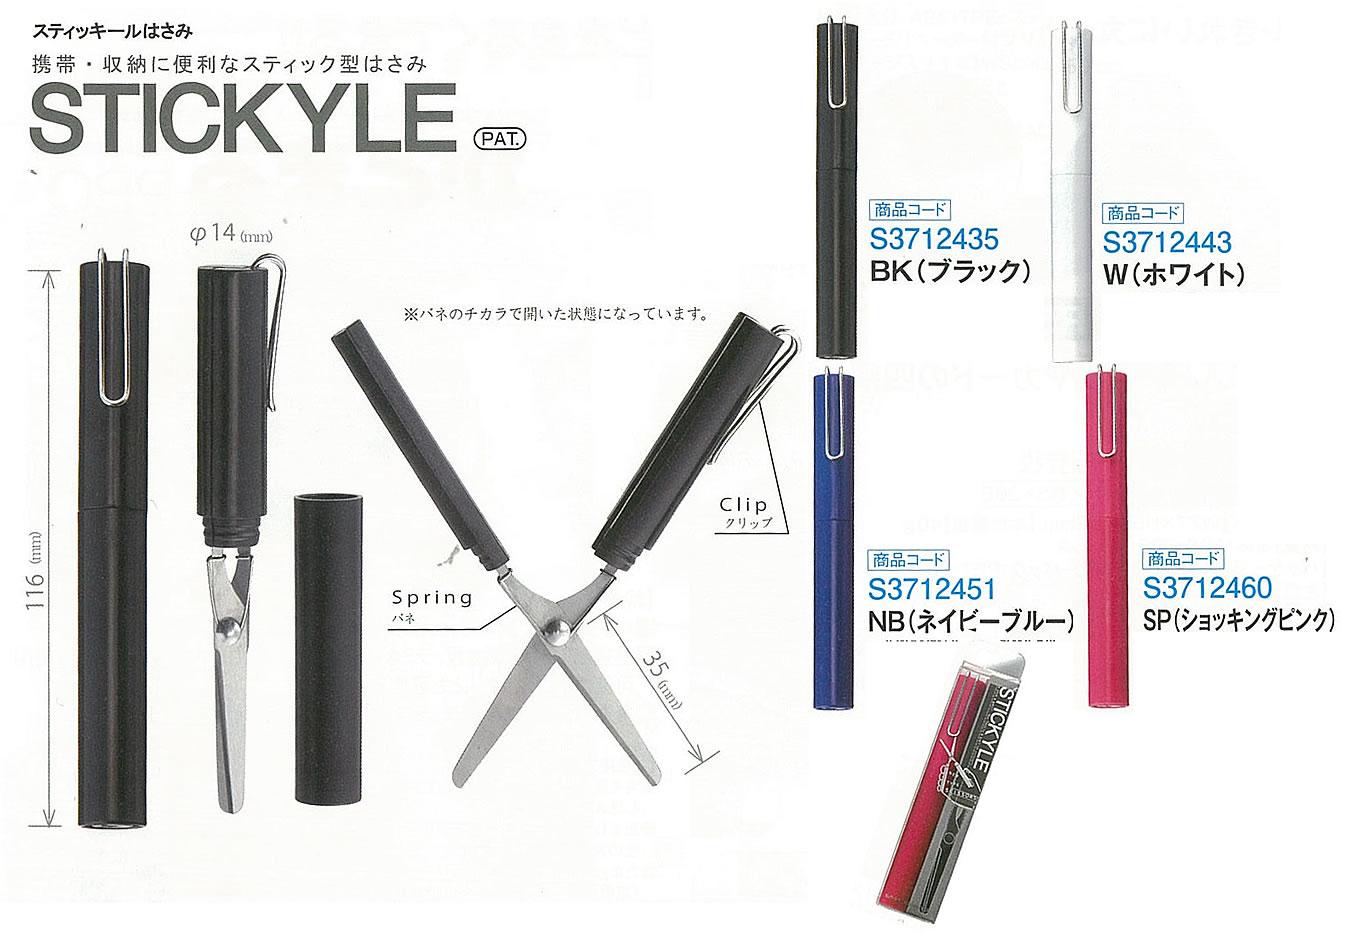 スティッキールはさみ携帯収納に便利なスティック型ハサミ(S3712_435/460)